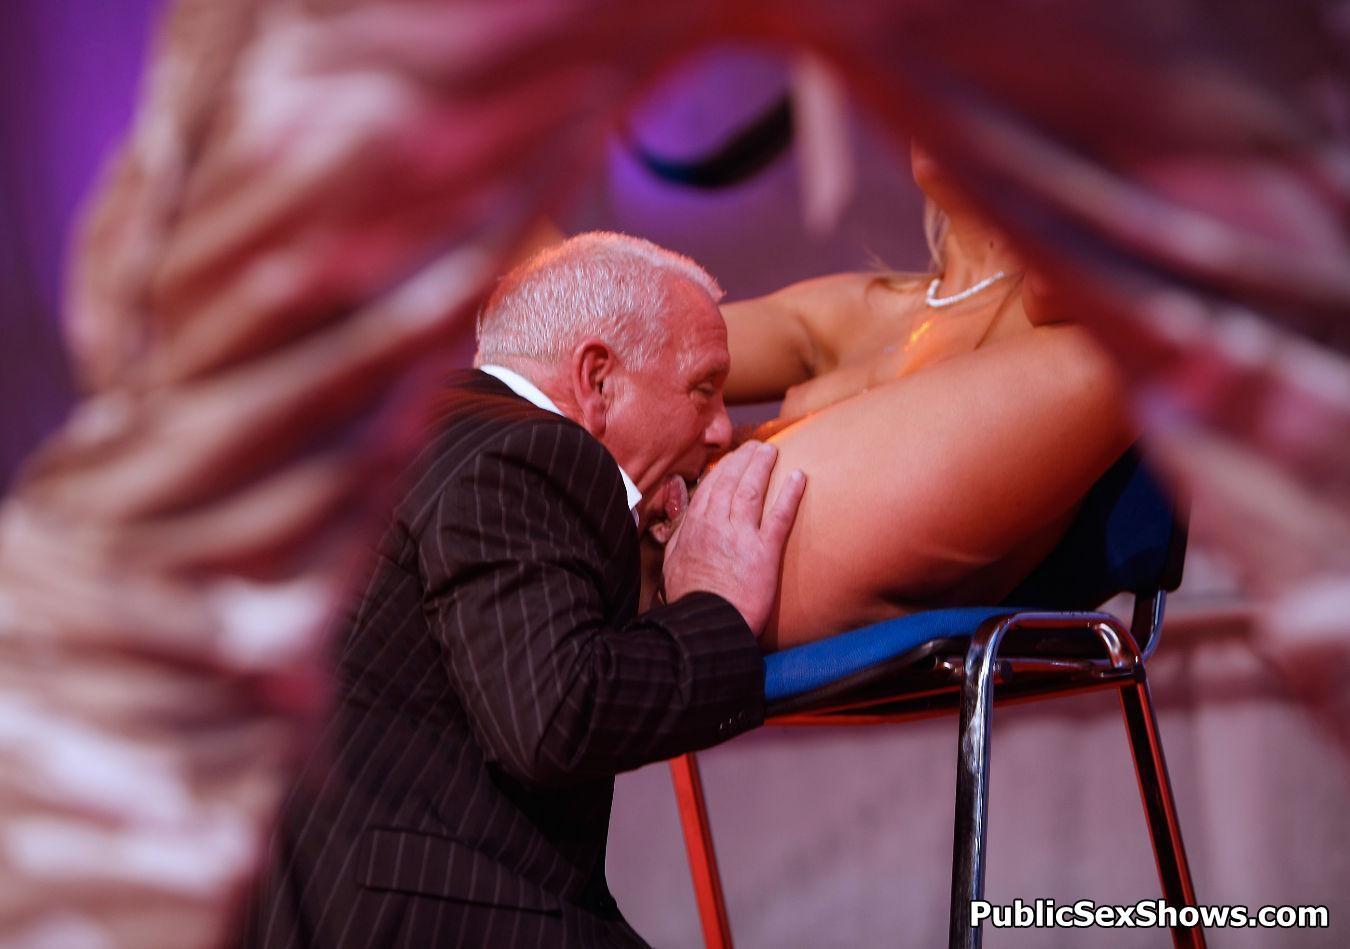 Public sex show tumblr